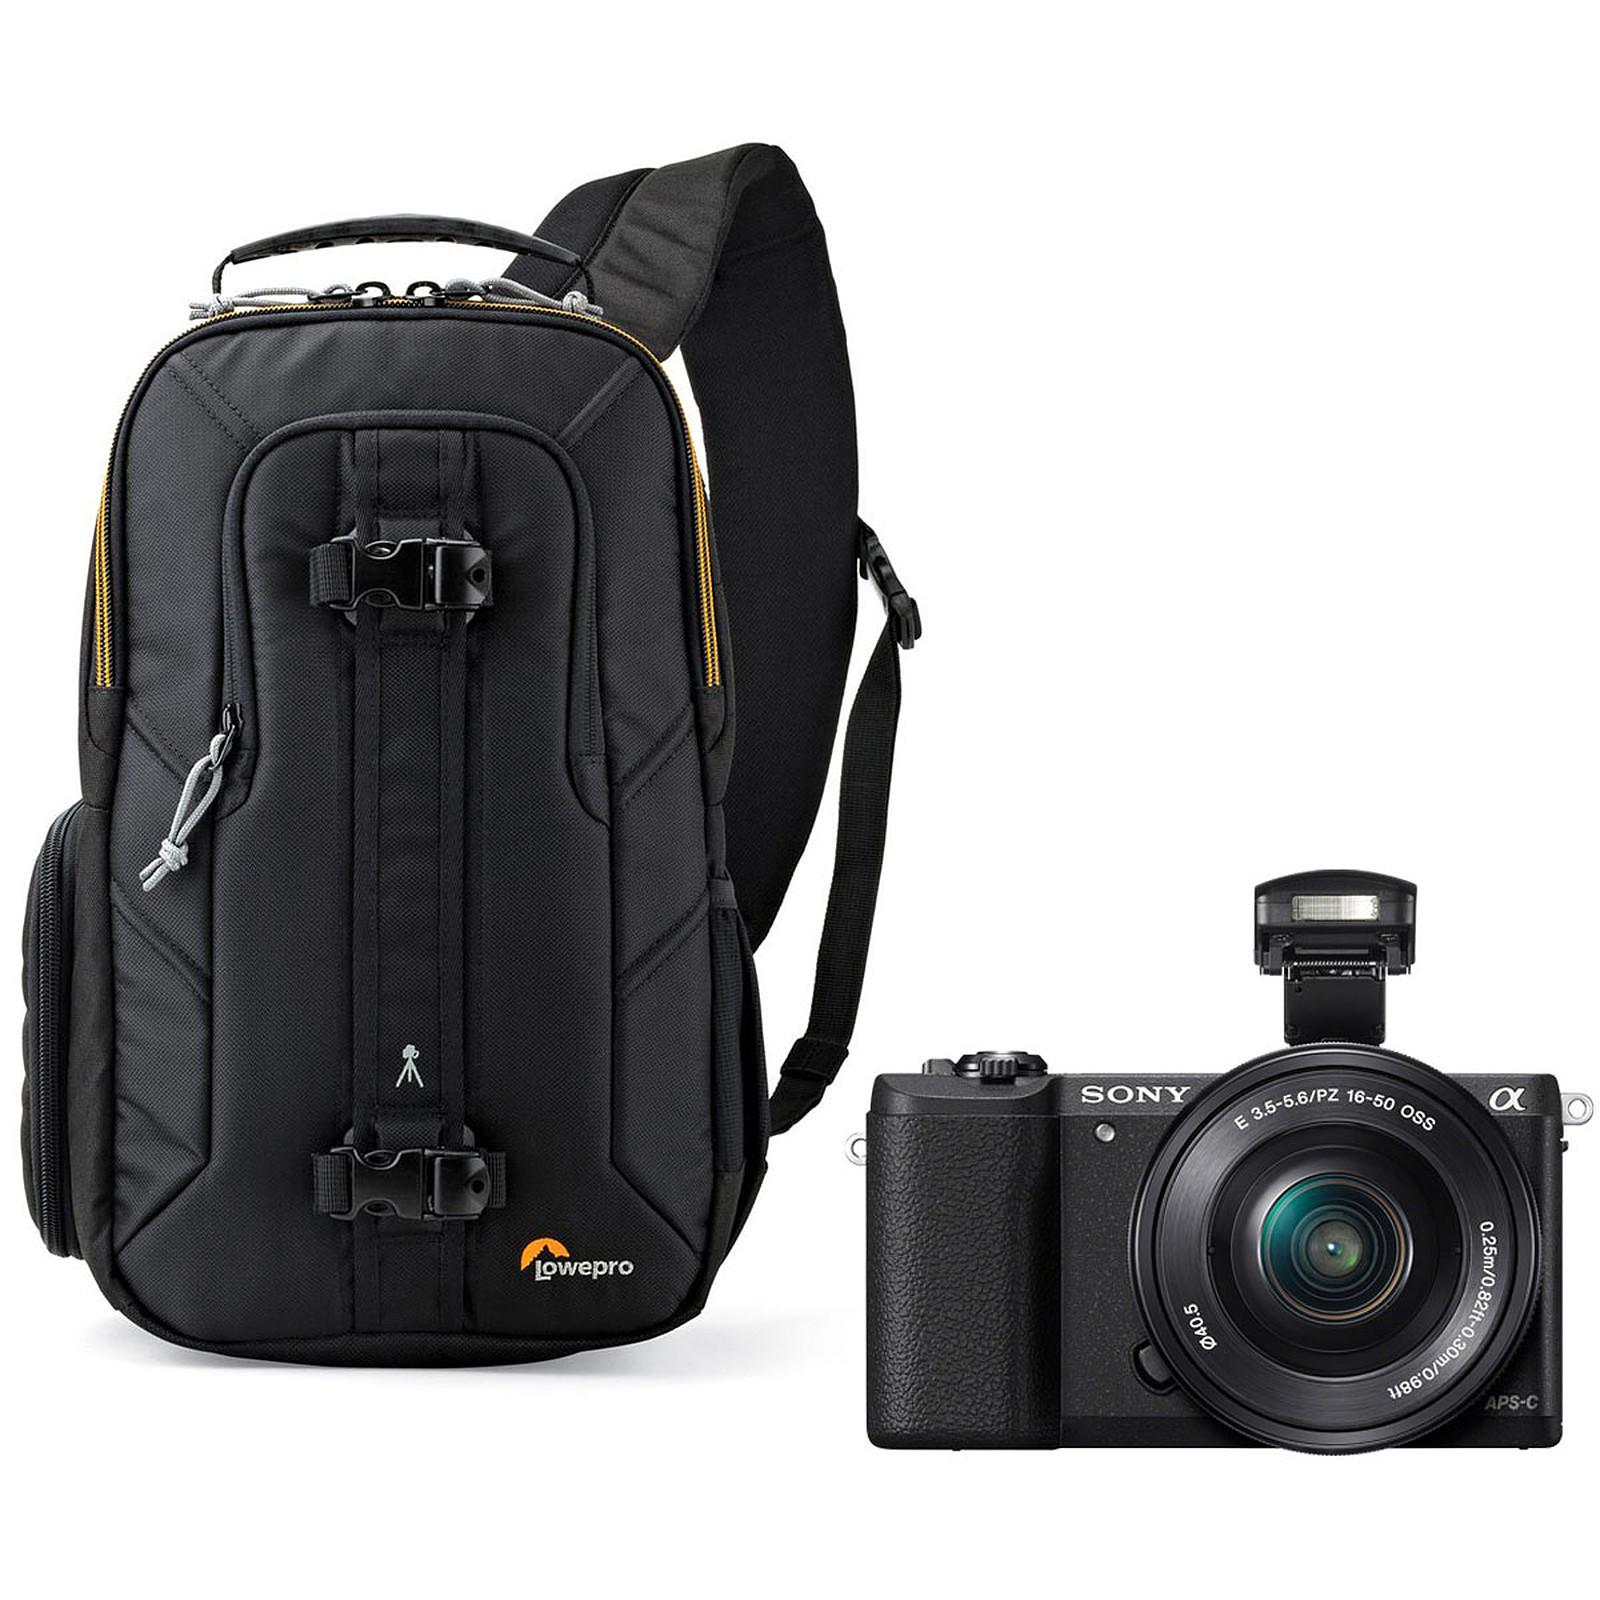 Sony Alpha 5100 + Objectif 16-50 mm Noir + Lowepro Slingshot Edge 150 AW